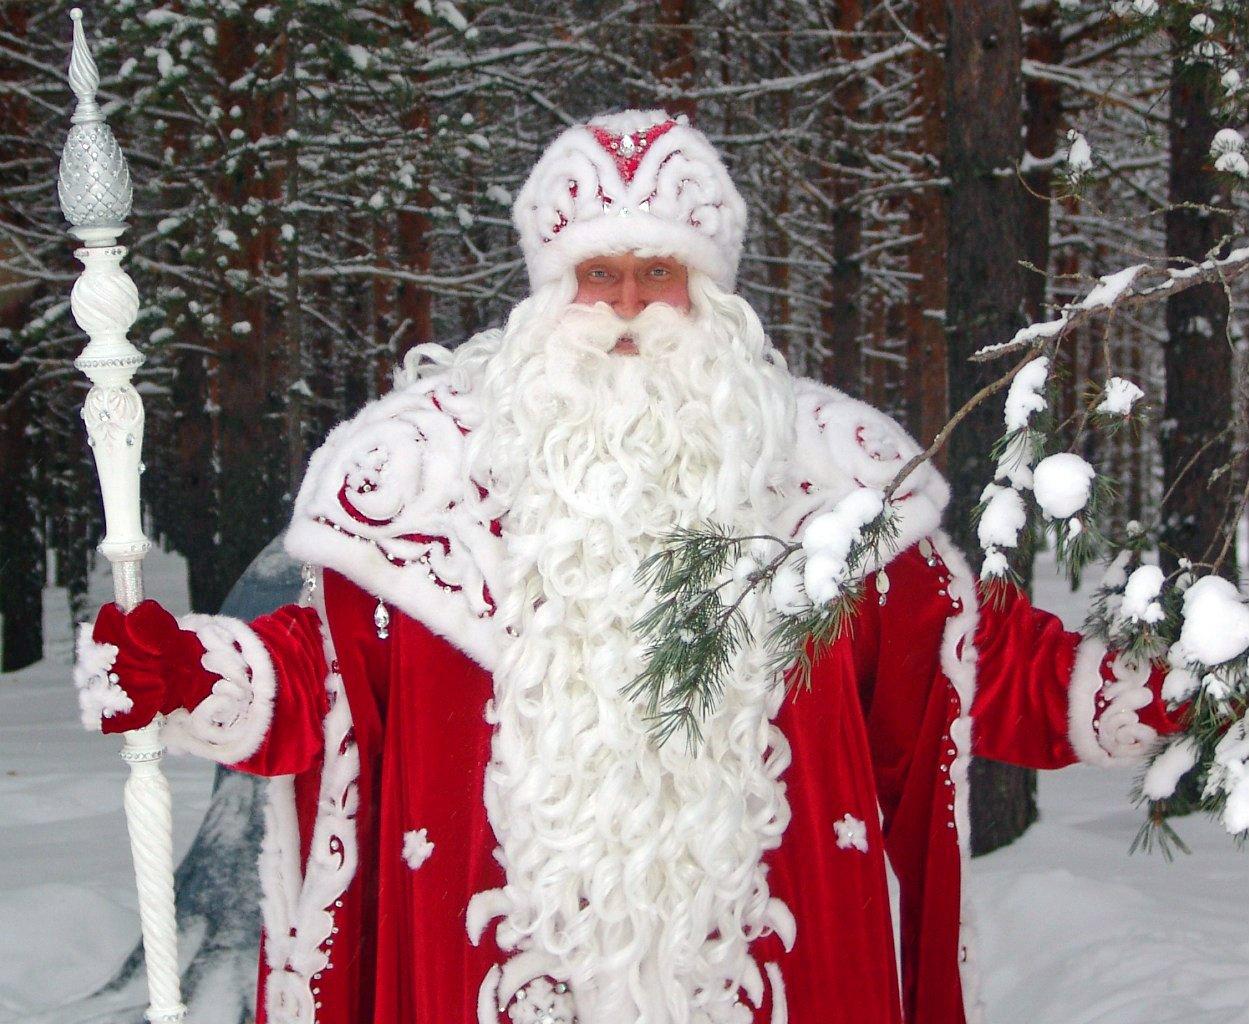 Ded Moroz con indumentaria vermella e branca, que comparte coa azul e branca.